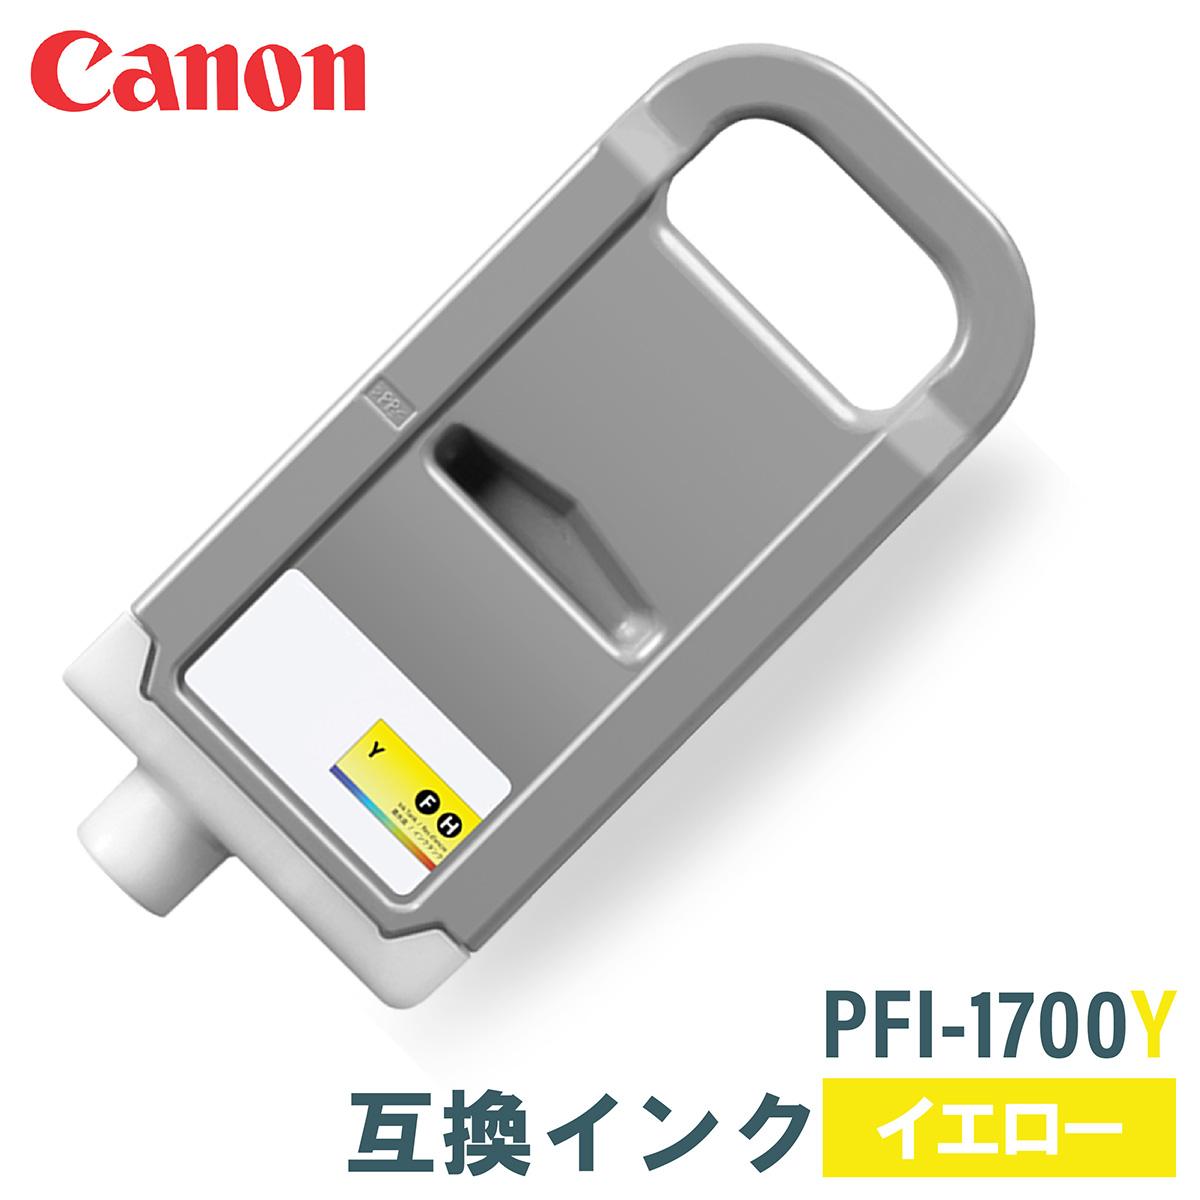 キヤノン 互換インク CANON PFI-1700Y イエロー 700ml